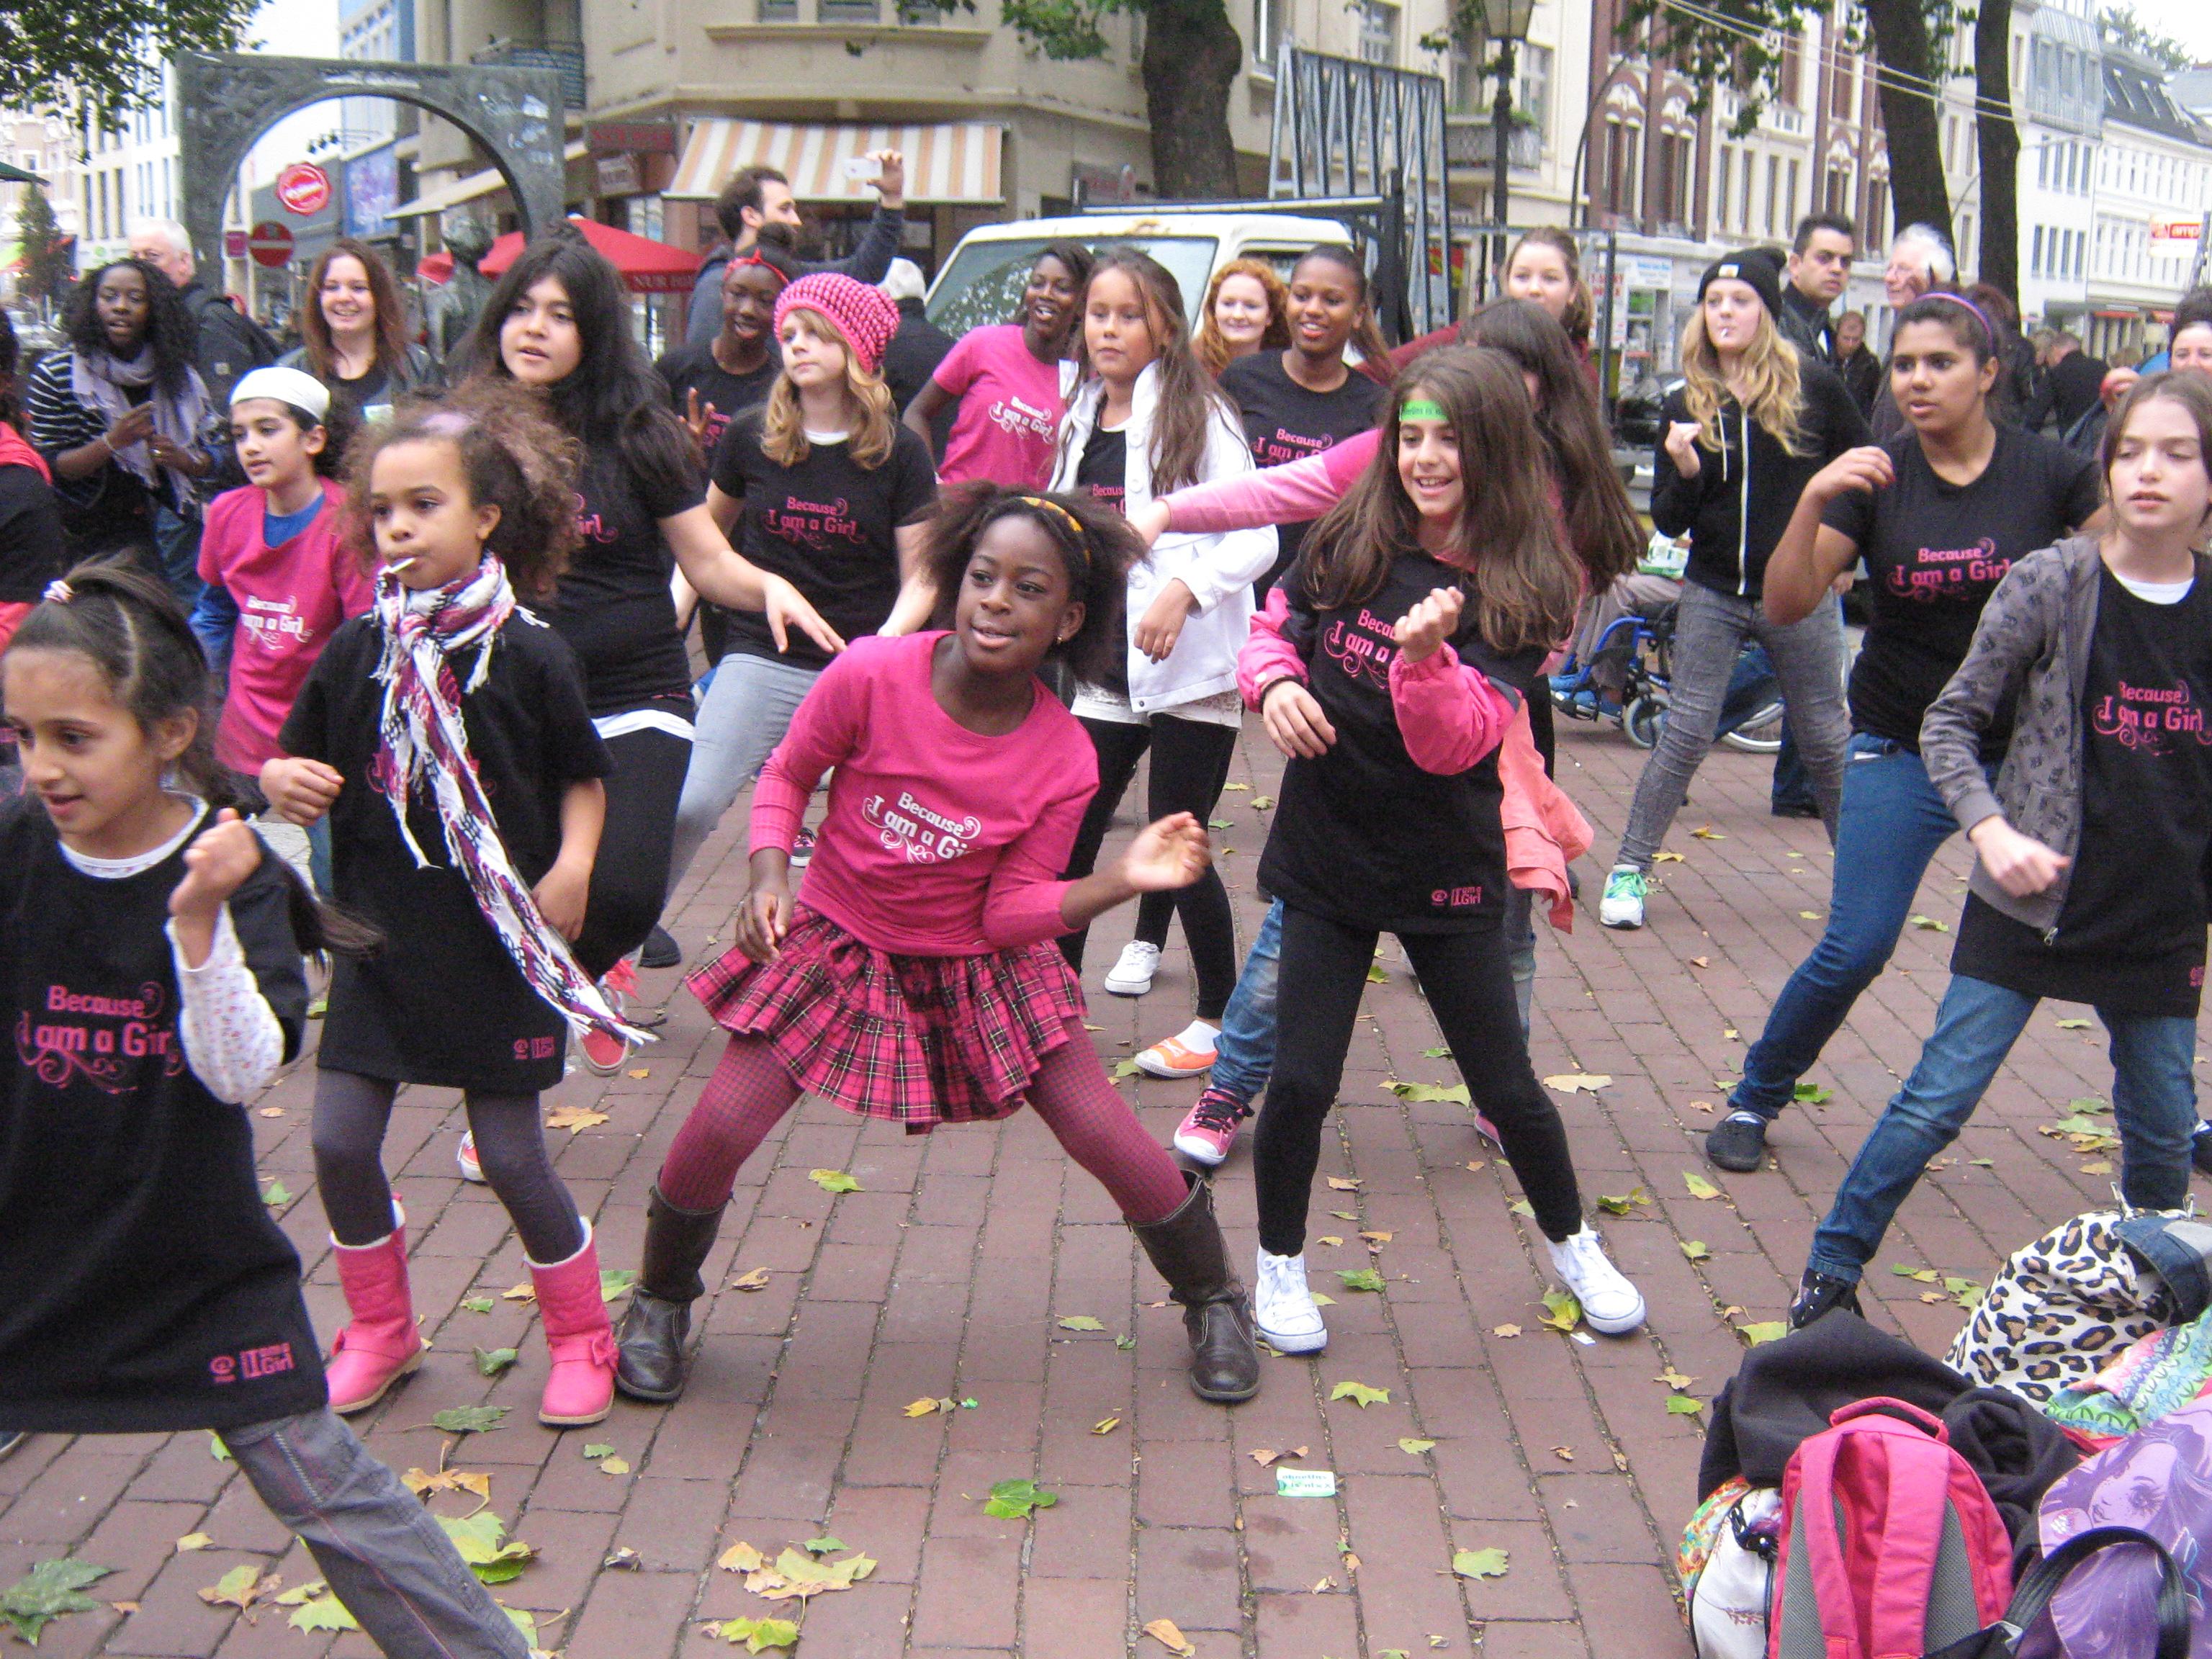 Tanz-Flashmob in Hamburg zum Welt-Mädchentag 2013 © Plan International